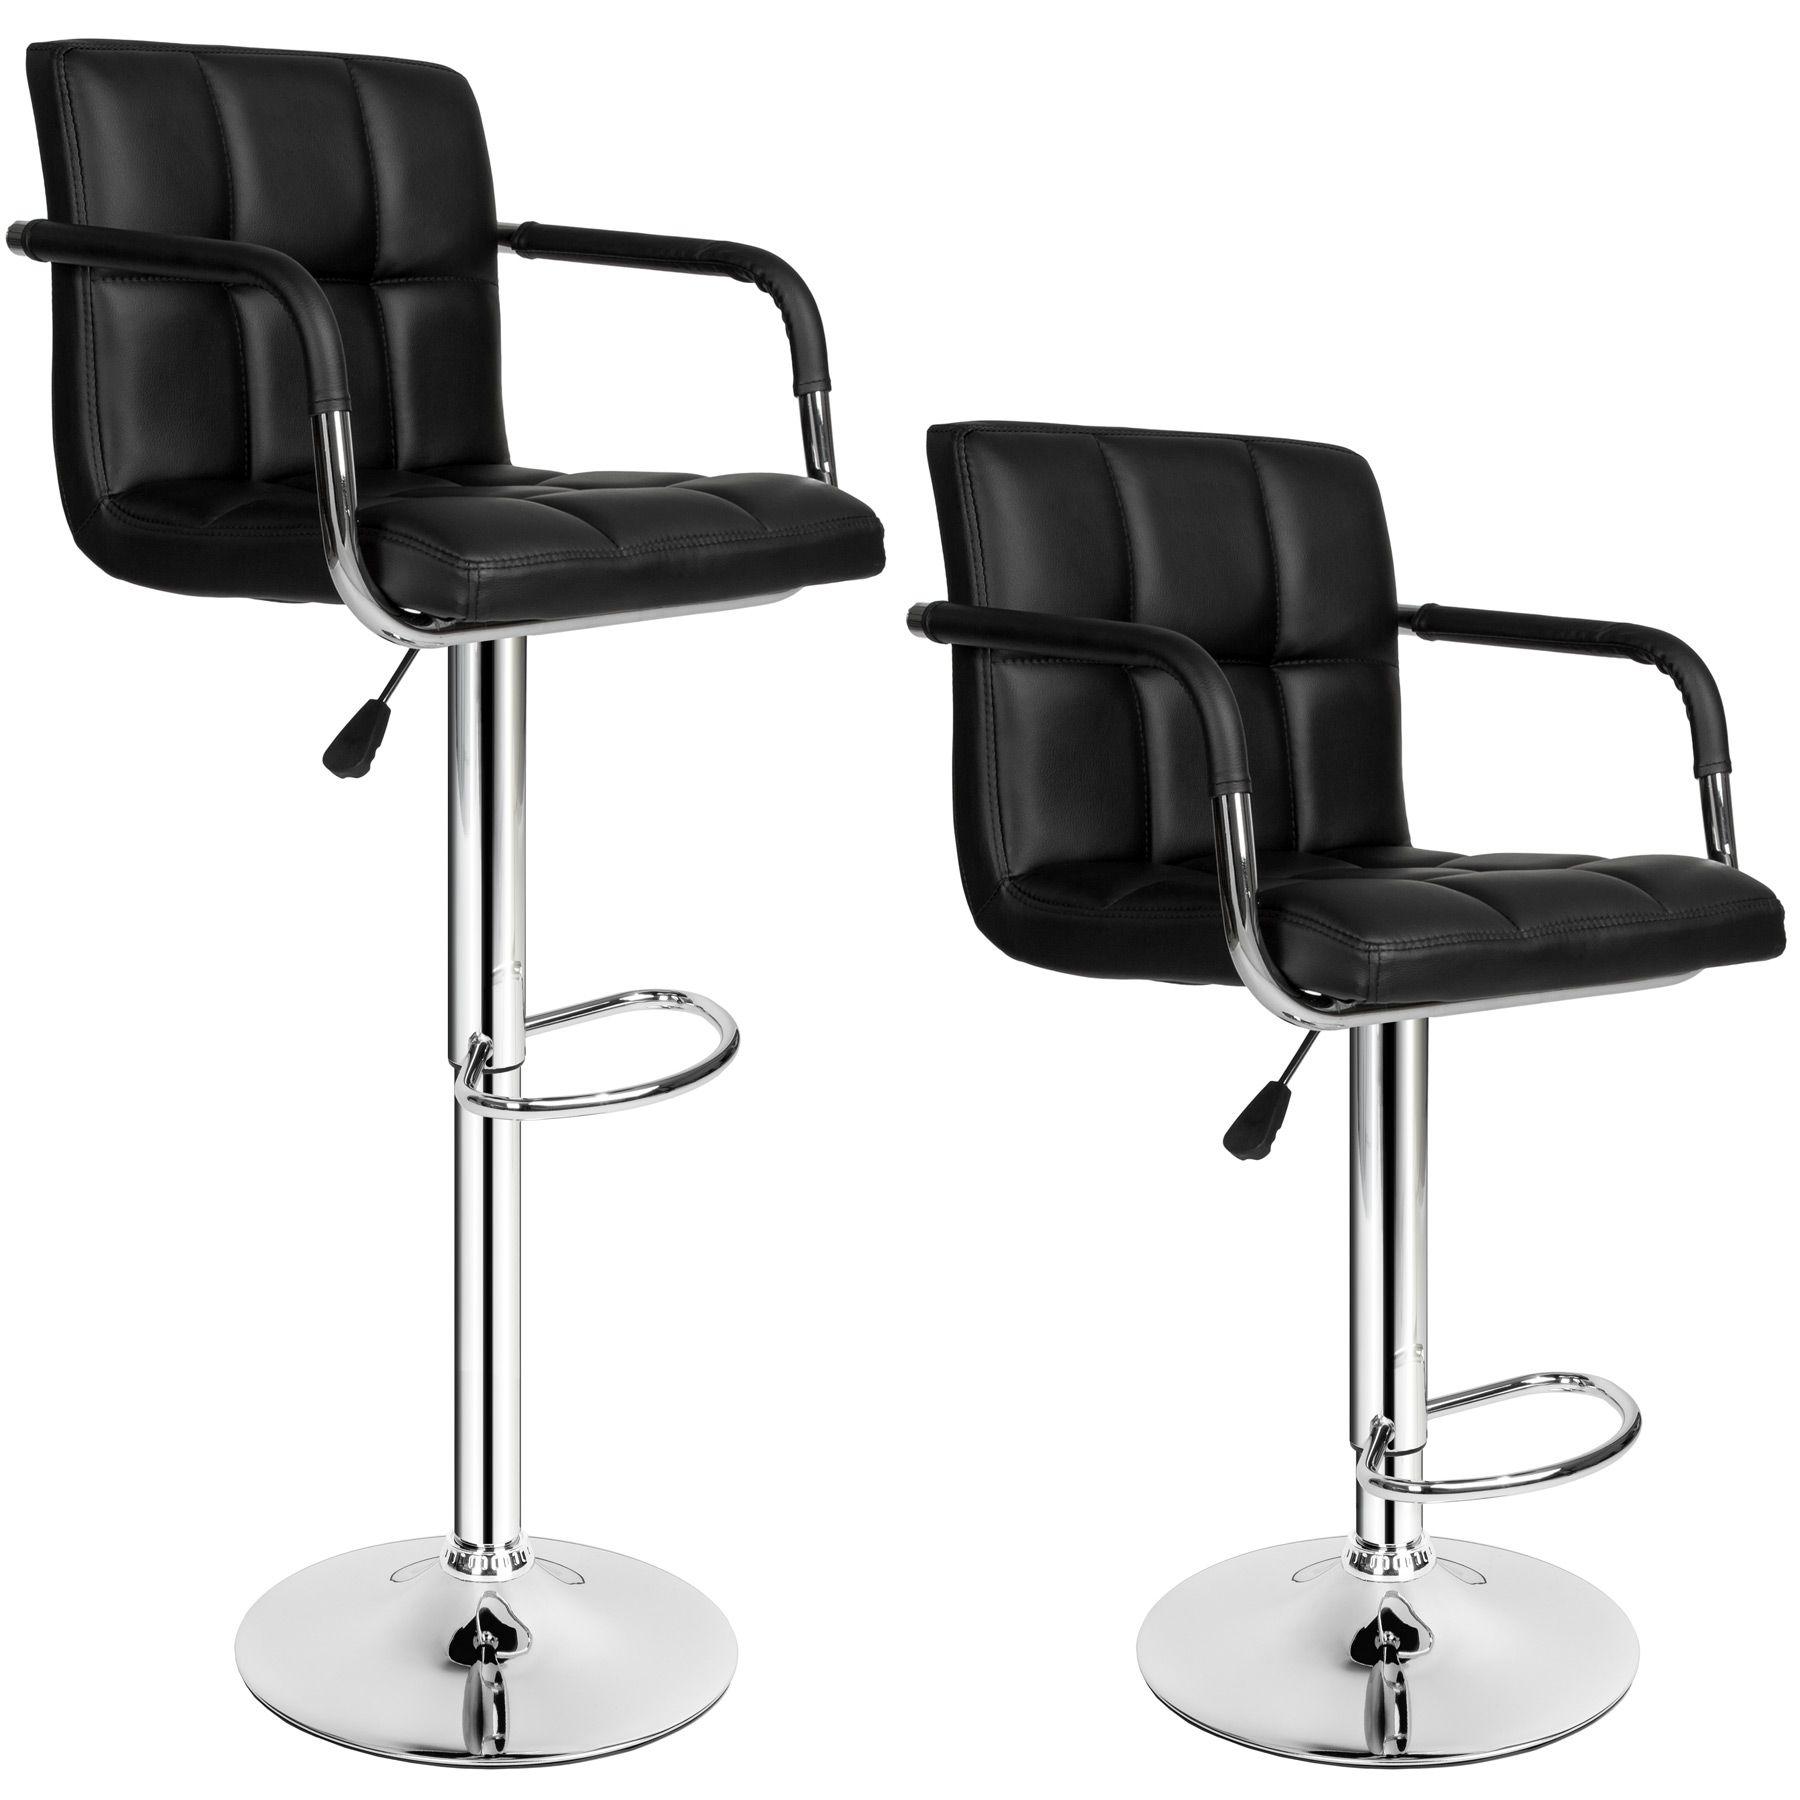 tabourets de bar chaise fauteuil bistrot r glable pivotant. Black Bedroom Furniture Sets. Home Design Ideas